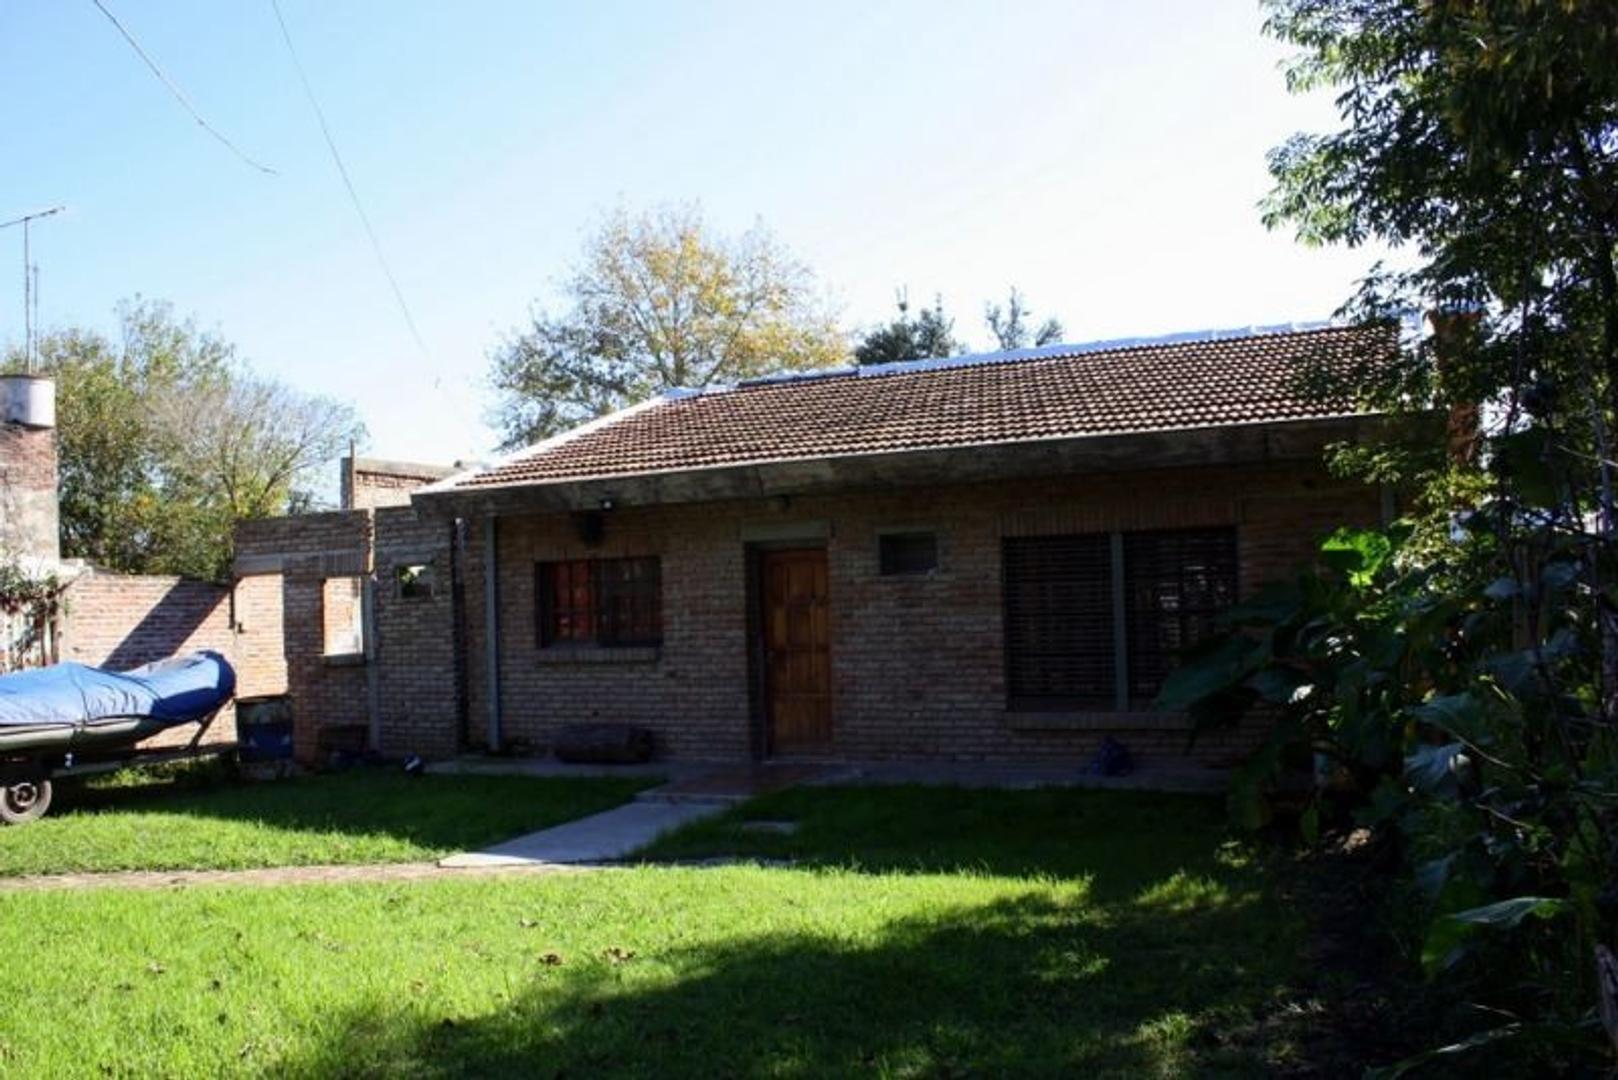 Venta de tres departamentos tipo casa en conjunto. Lola Mora, La Loma, Del viso.  Ideal inversión .